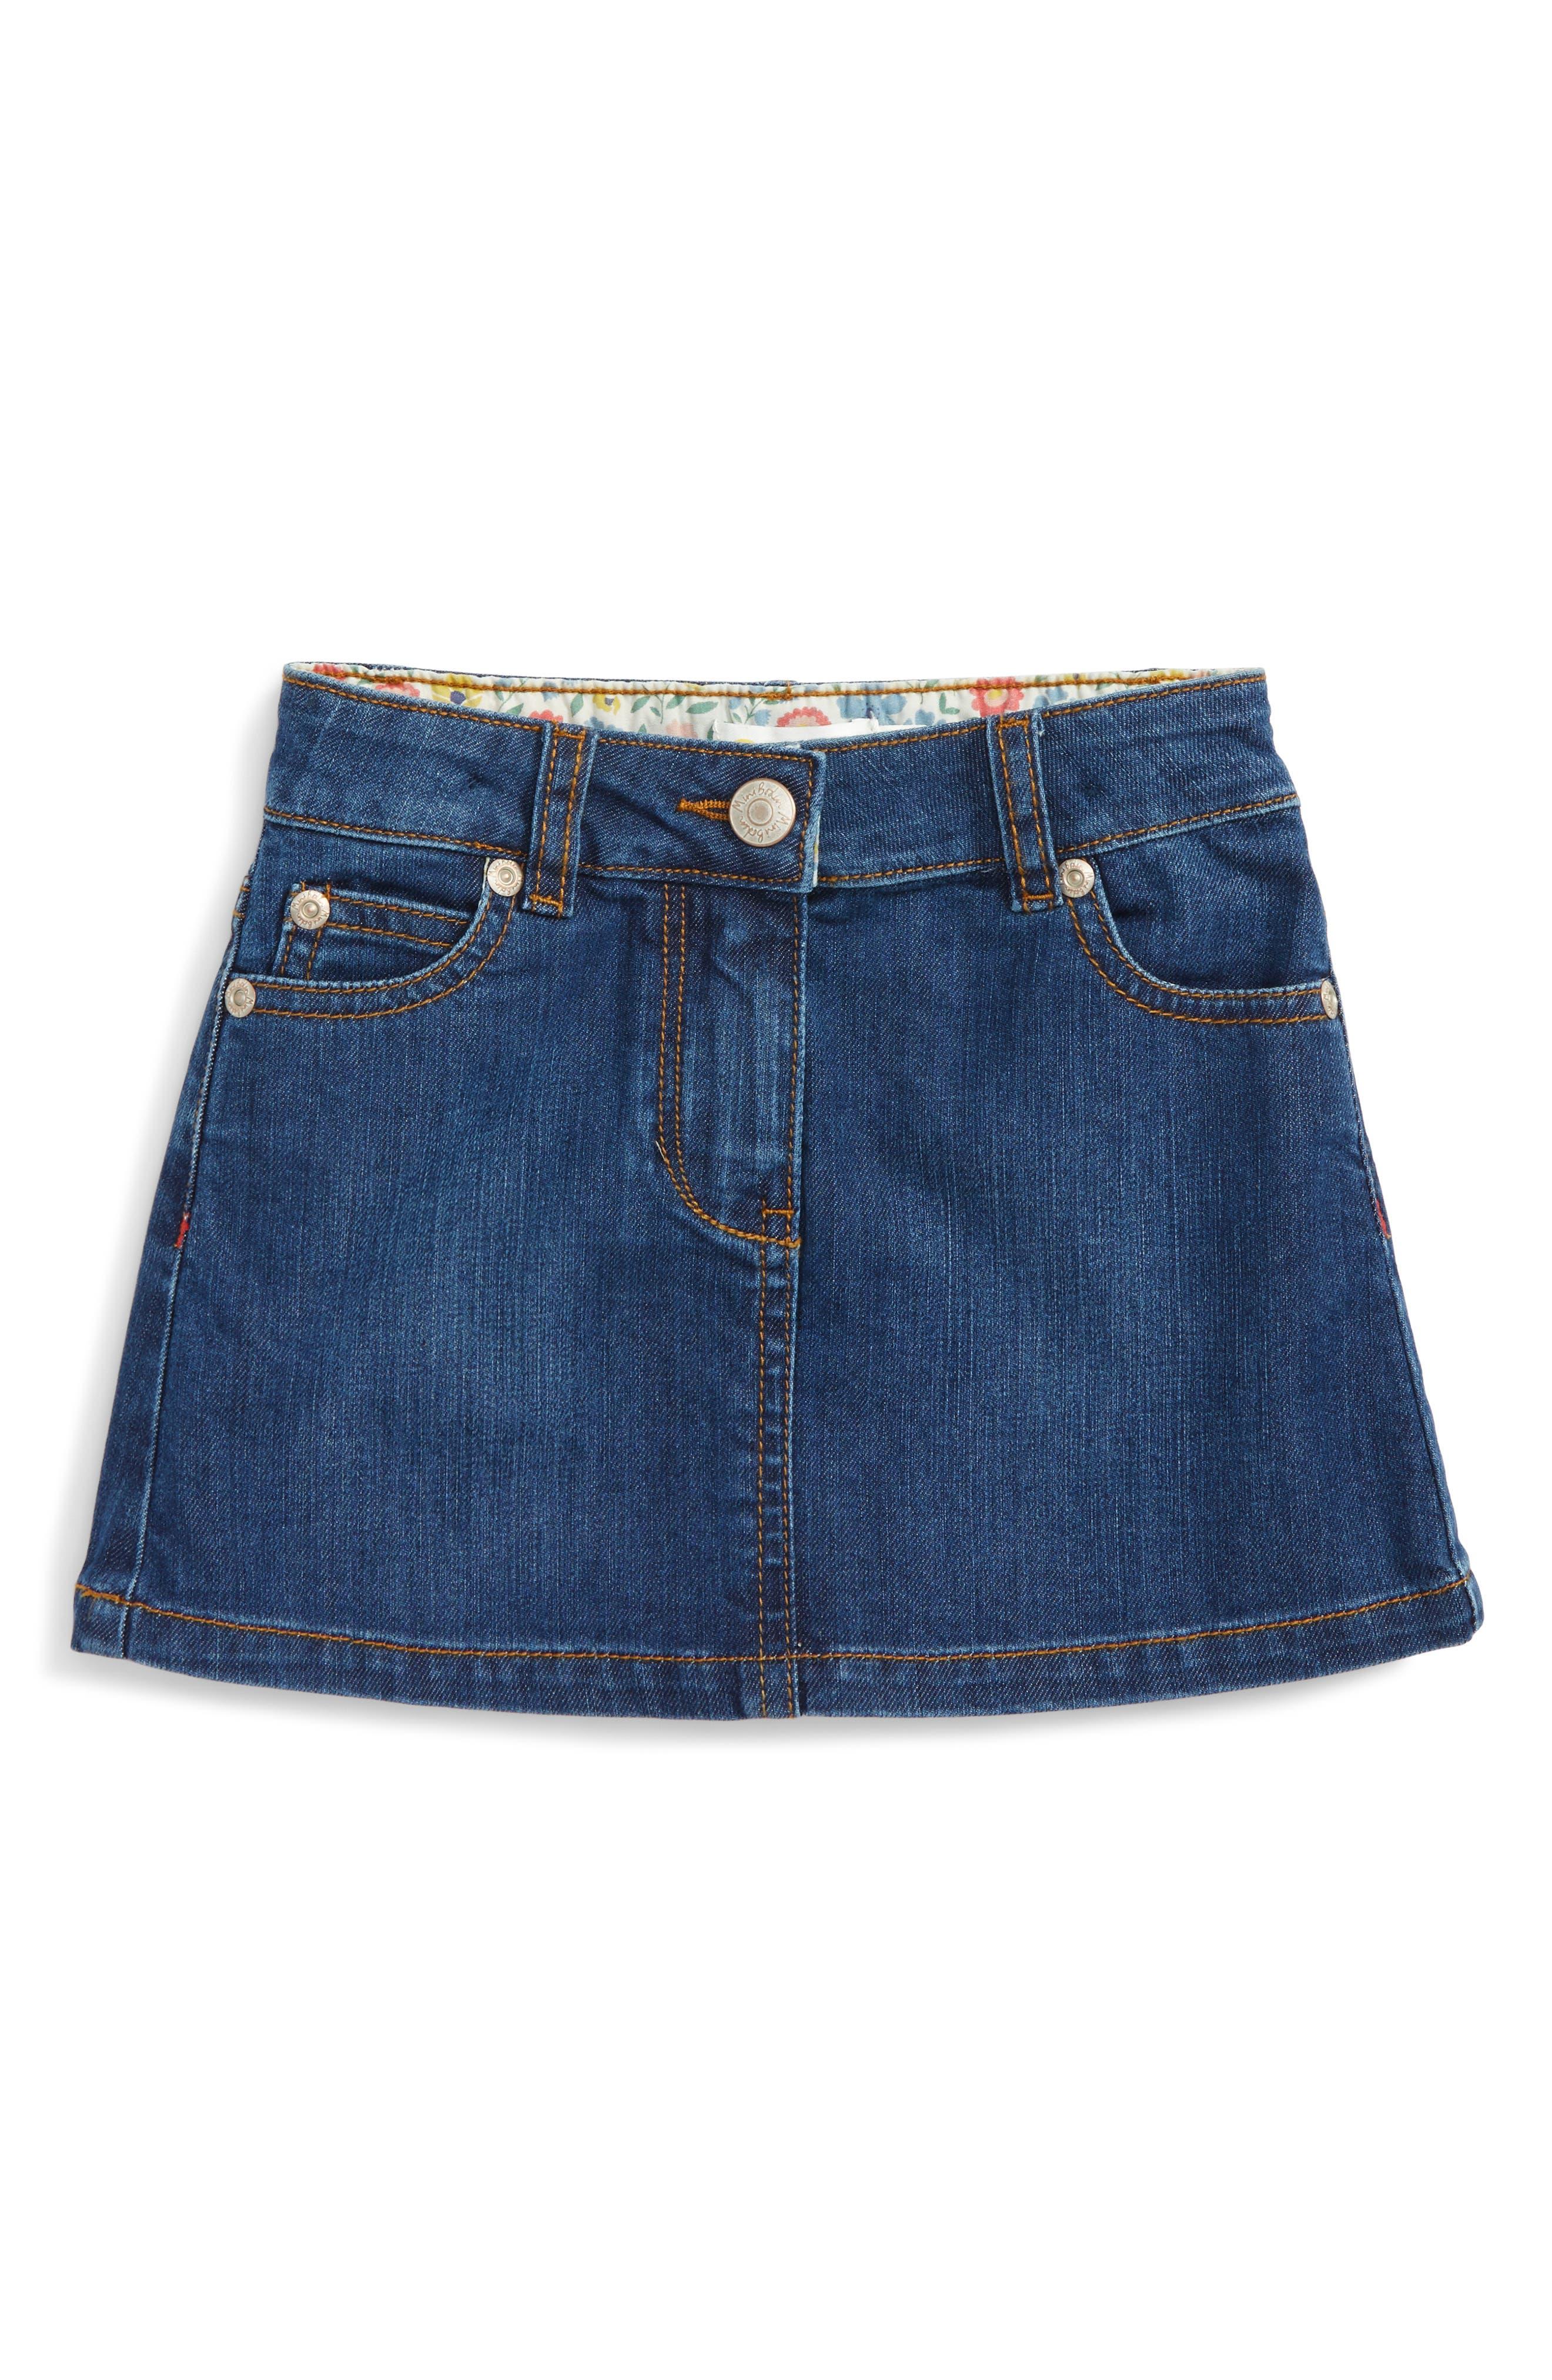 Heart Pocket Denim Skirt,                         Main,                         color, 469